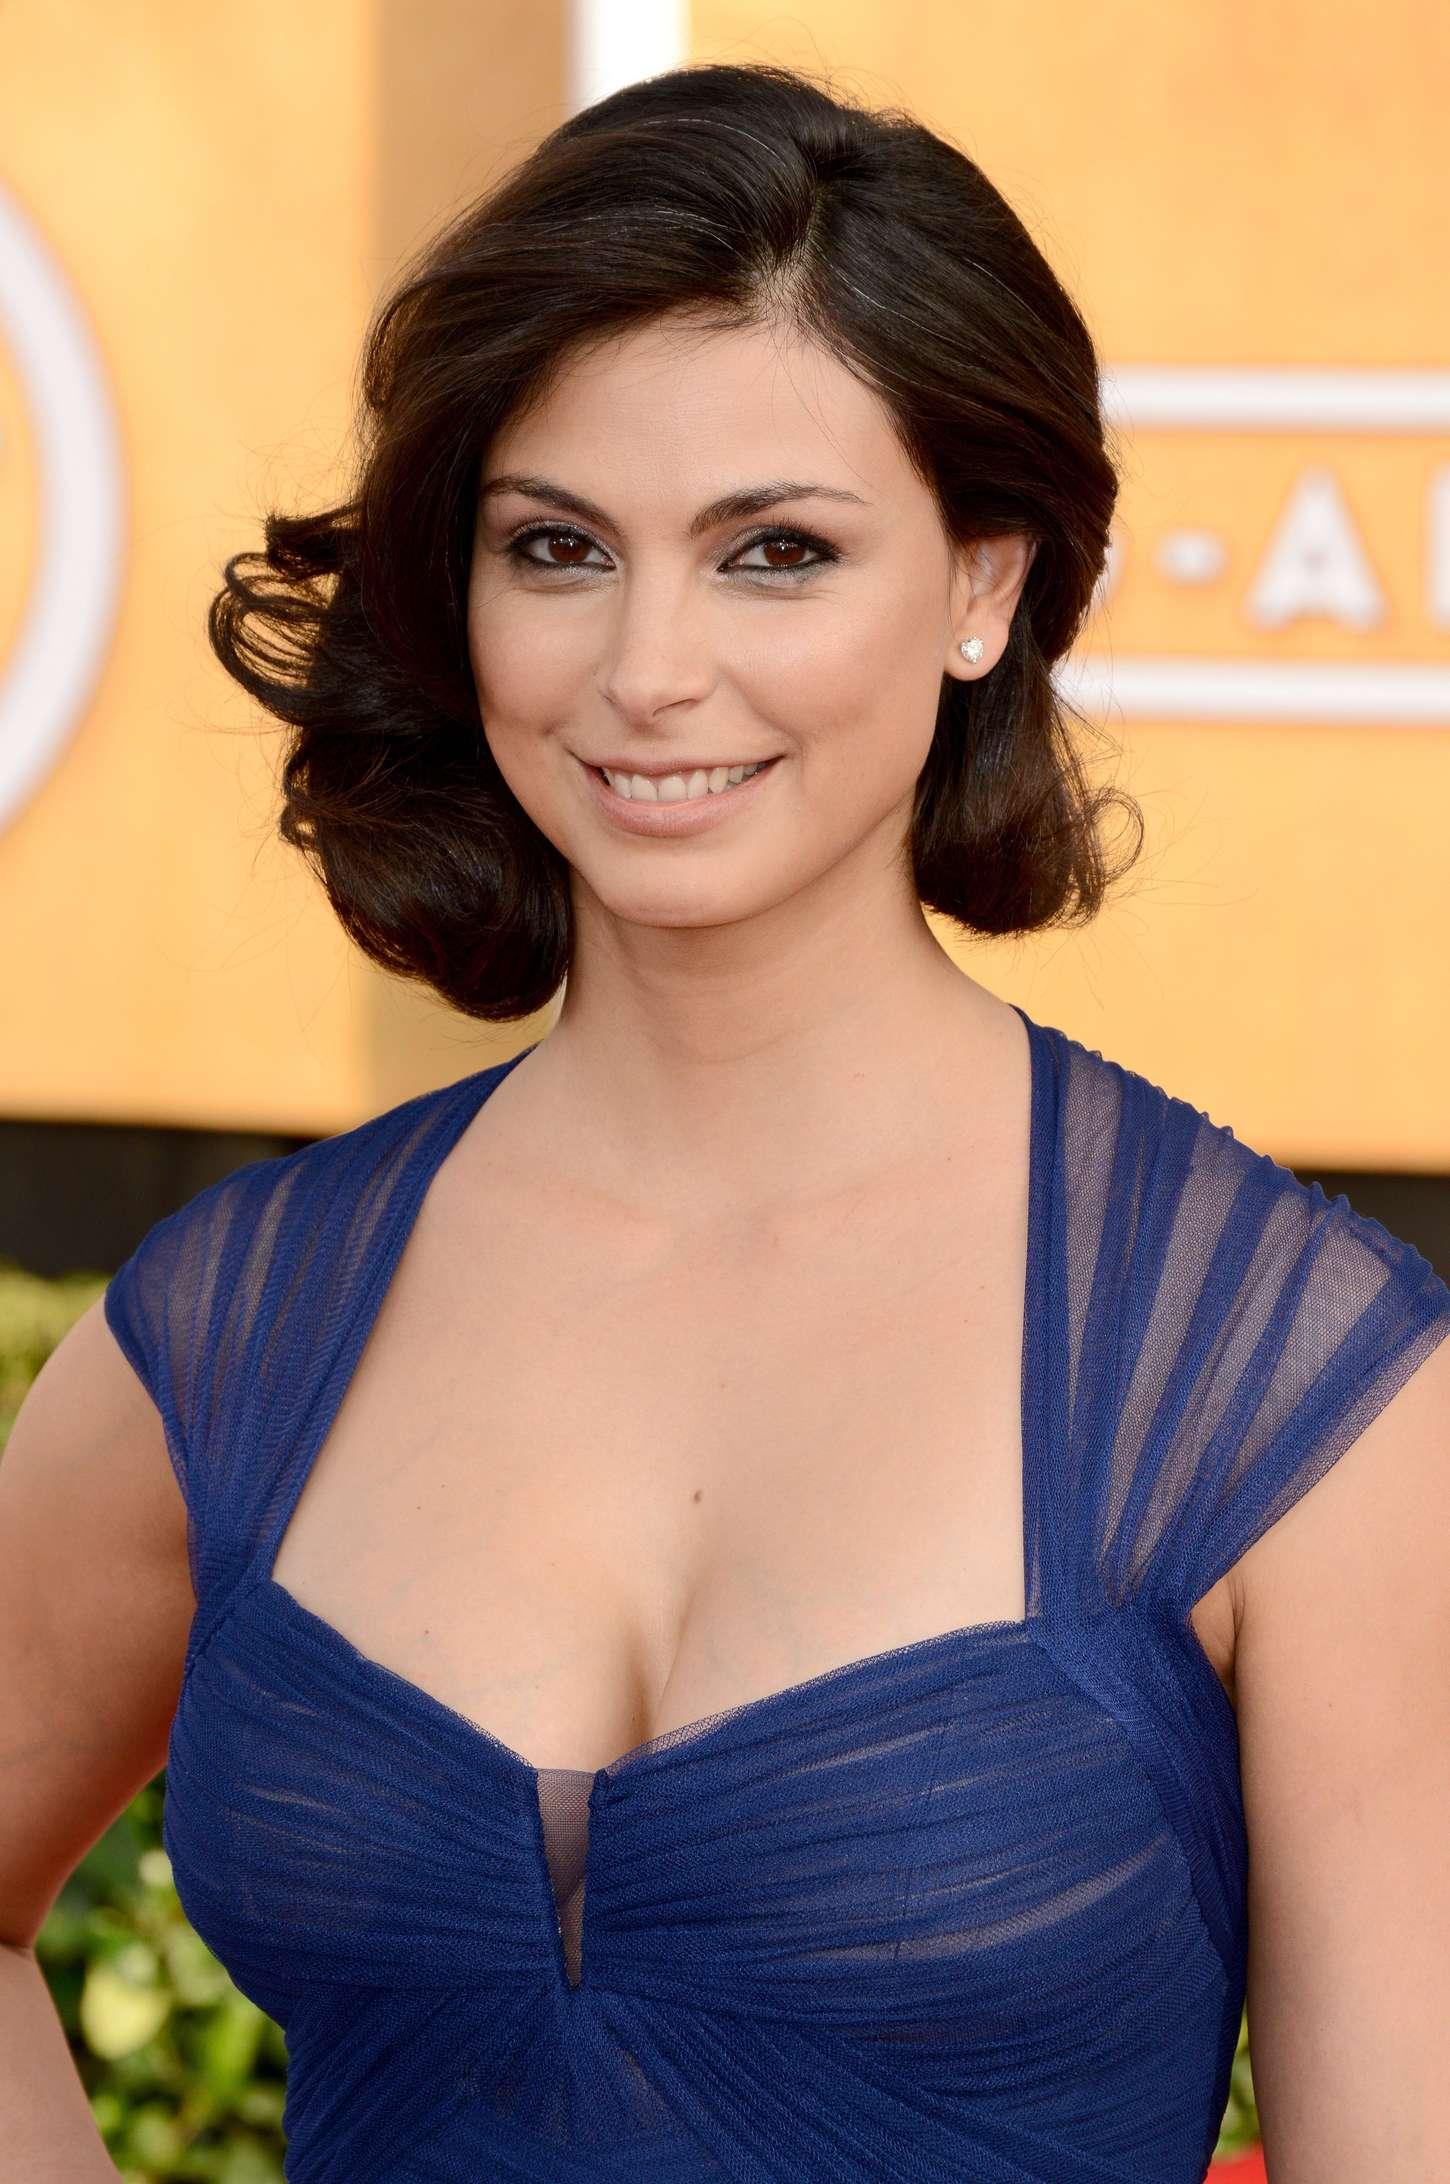 Morena Baccarin | Gotham Wiki | Fandom powered by Wikia